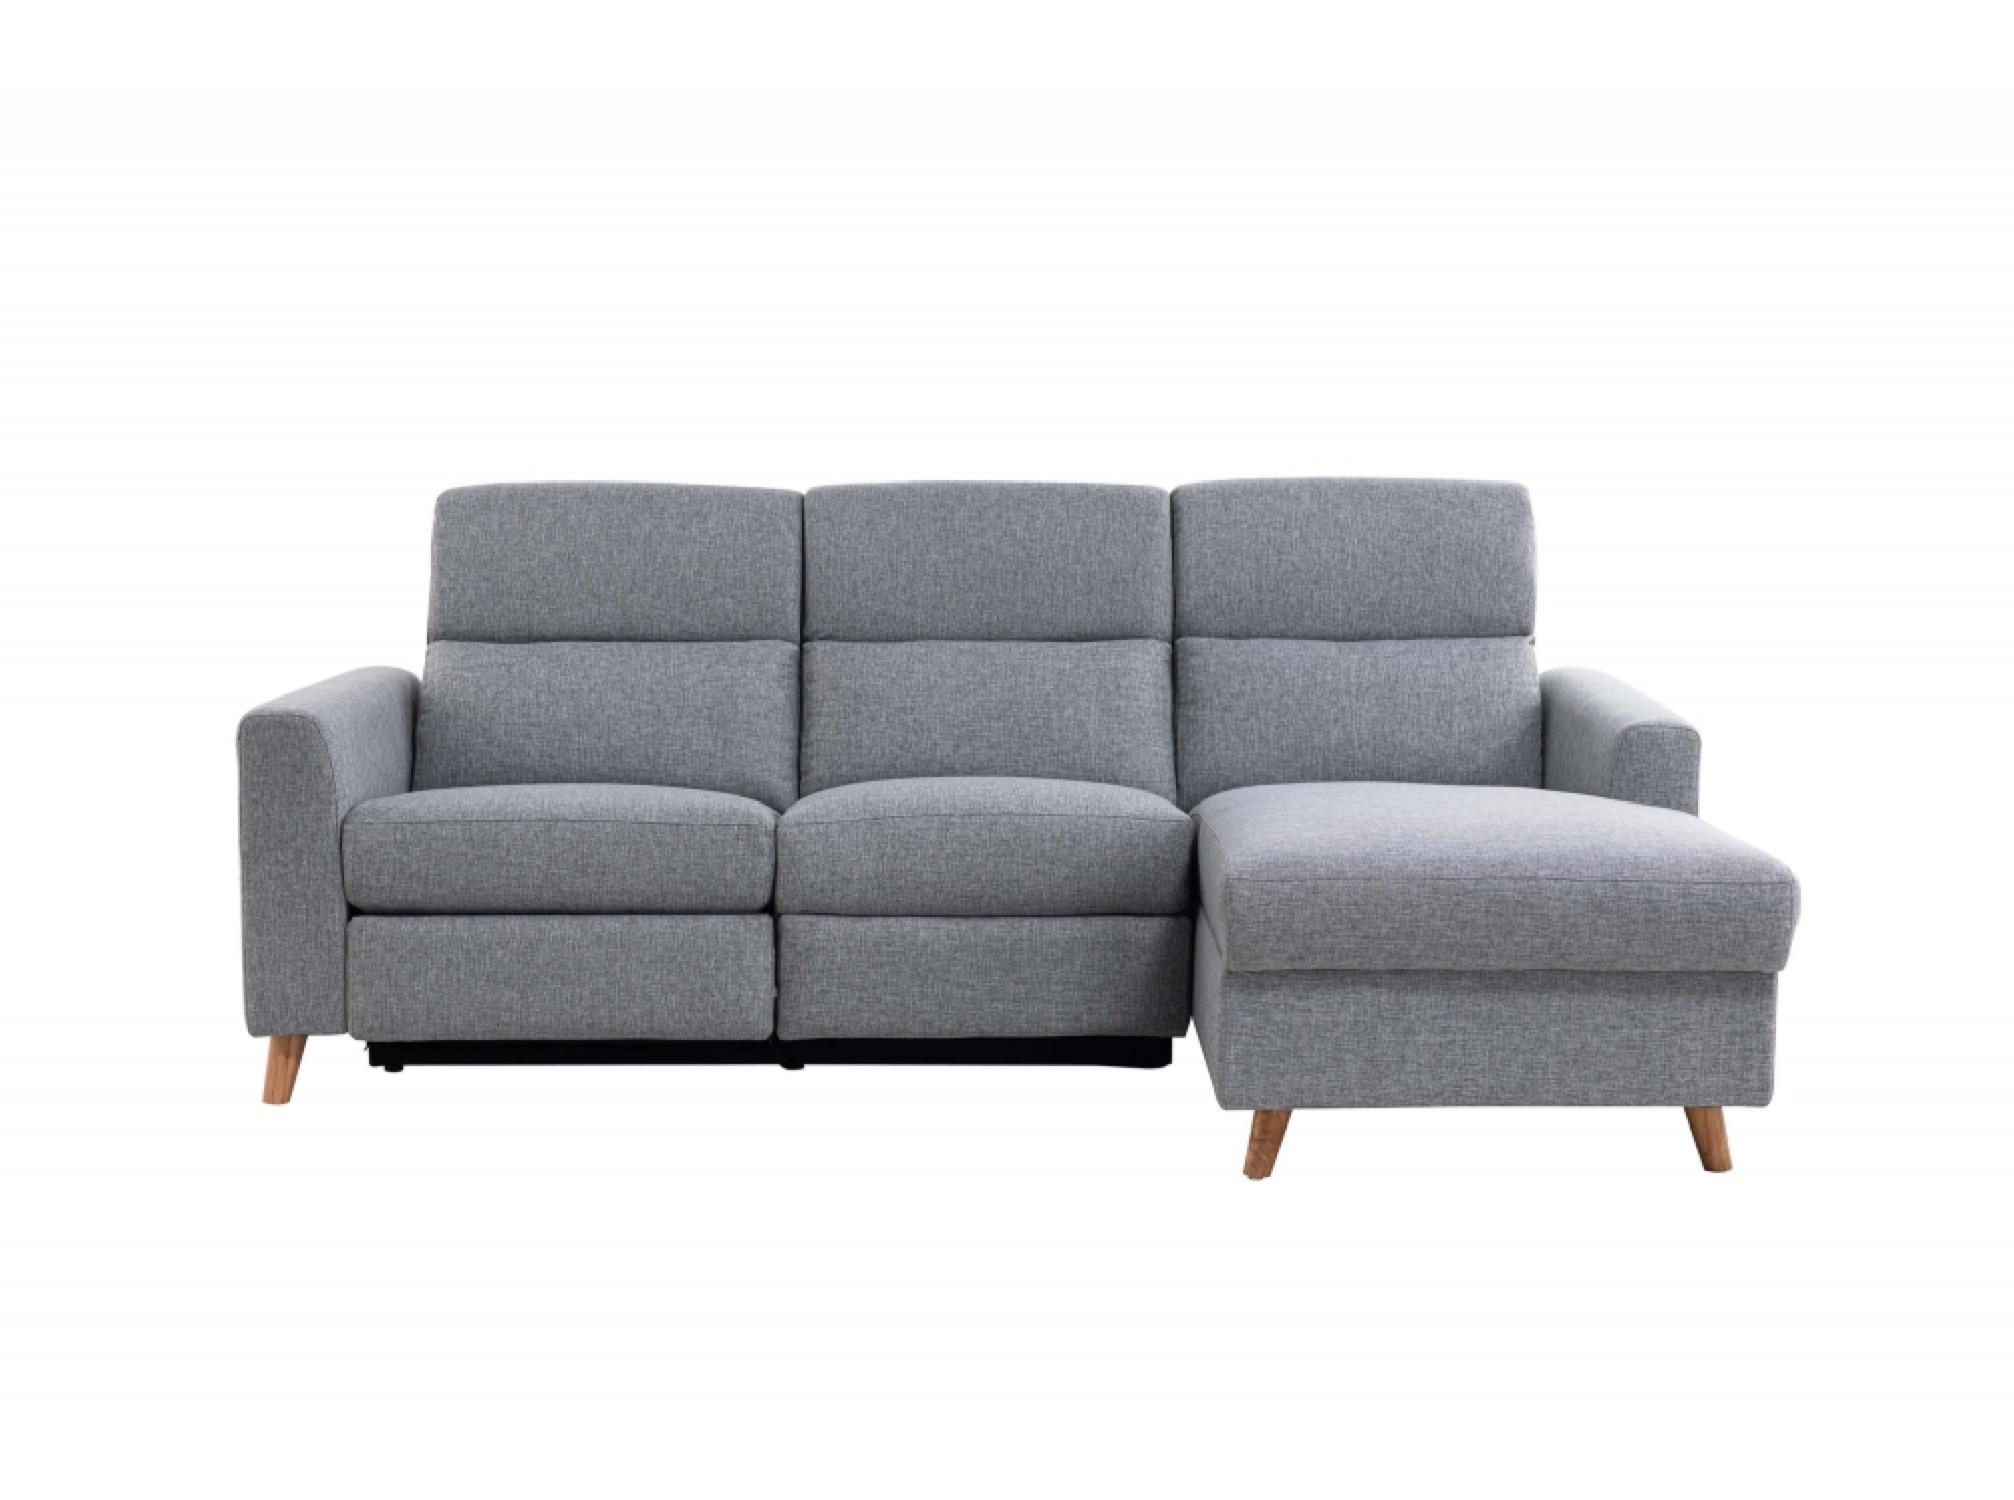 Canapé d'angle 3 places Gris Scandinave Confort